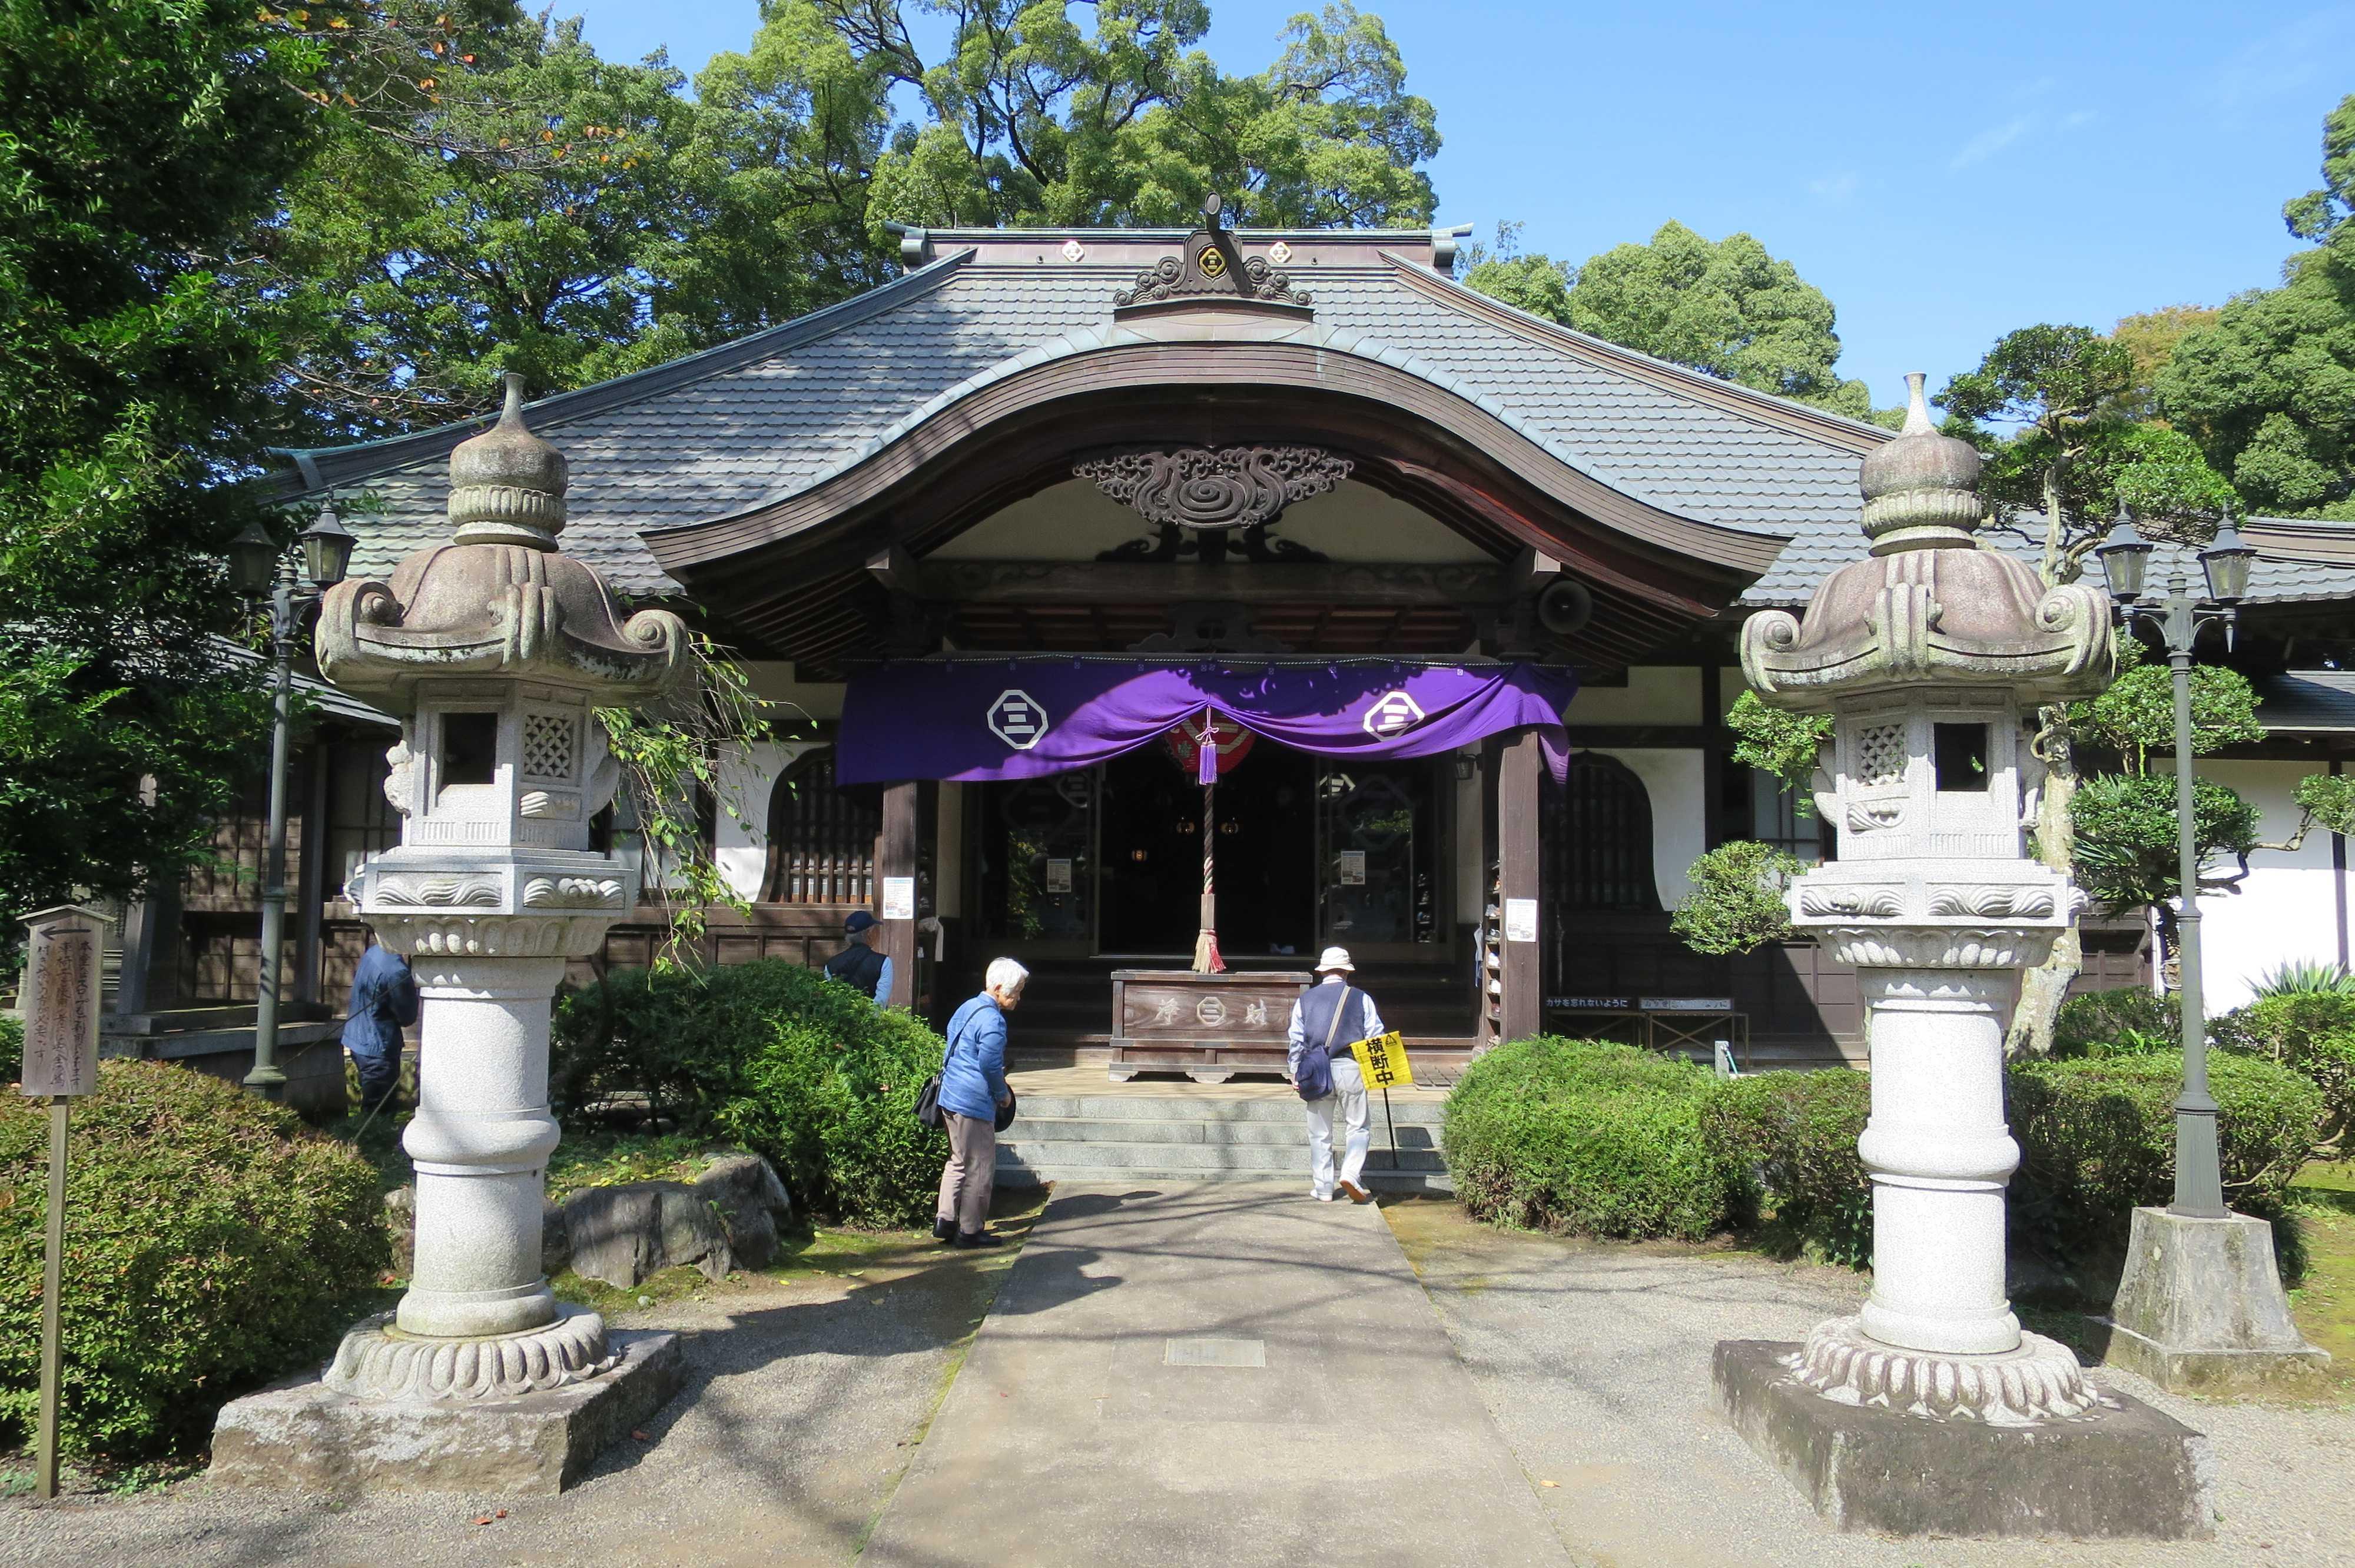 無量光寺本堂 昭和33年(1958年) 相模原市重要文化財指定